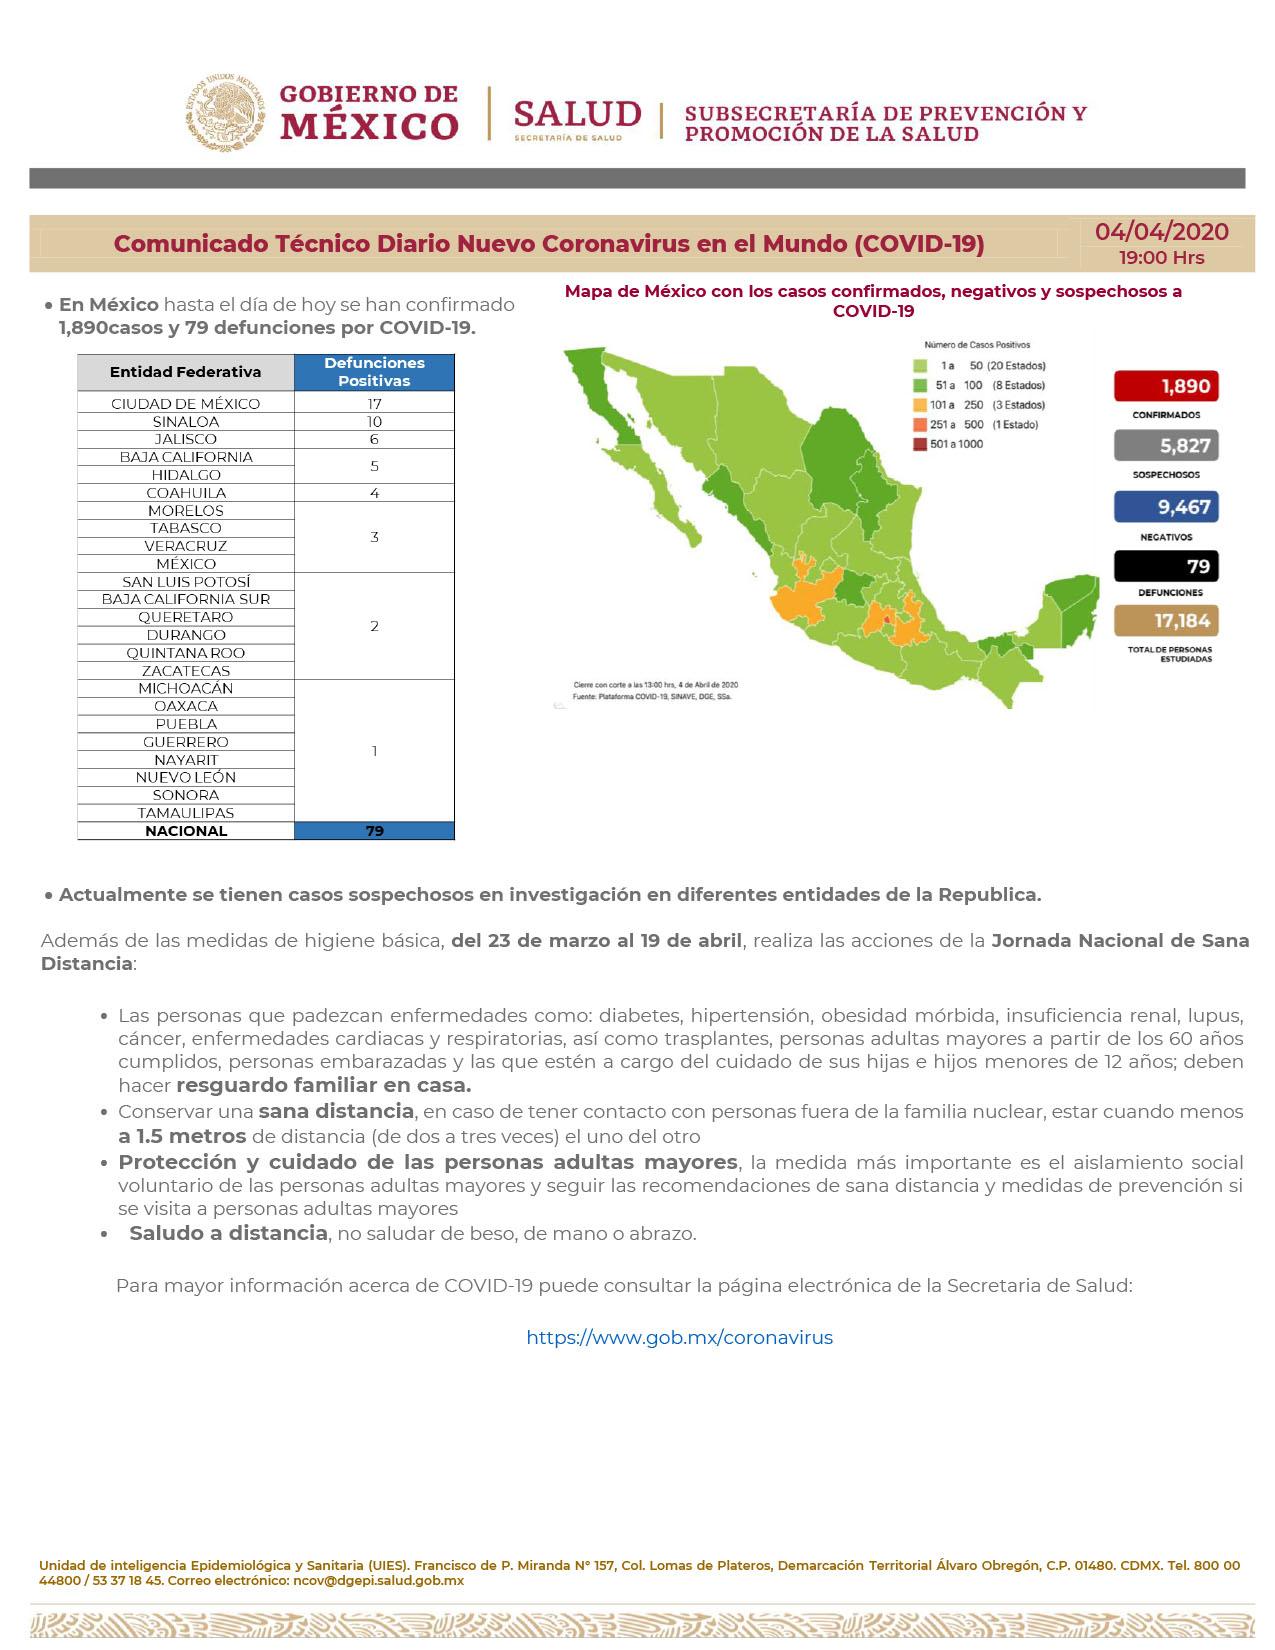 /cms/uploads/image/file/576551/Comunicado_Tecnico_Diario_COVID-19_2020.04.04-2.jpg